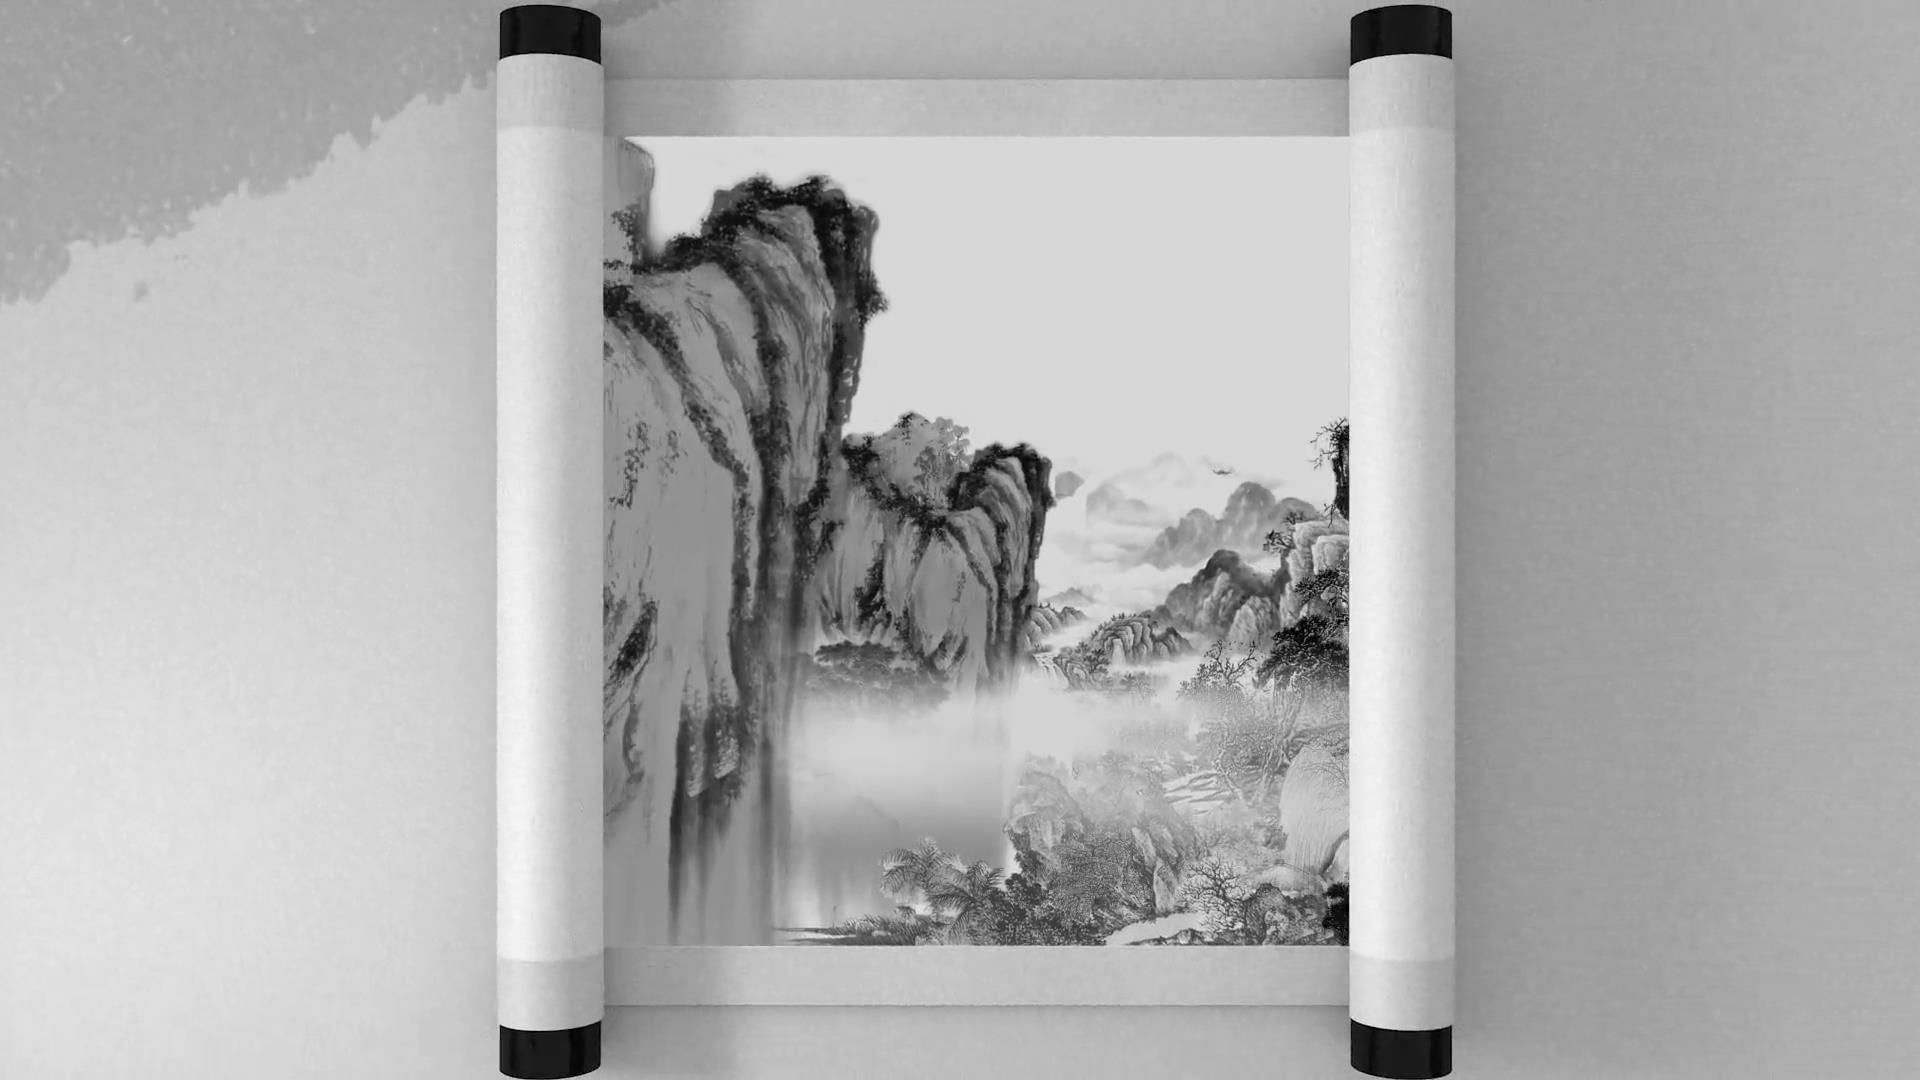 ae模板 优美中国传统文化中国风水墨画卷轴模板 ae素材